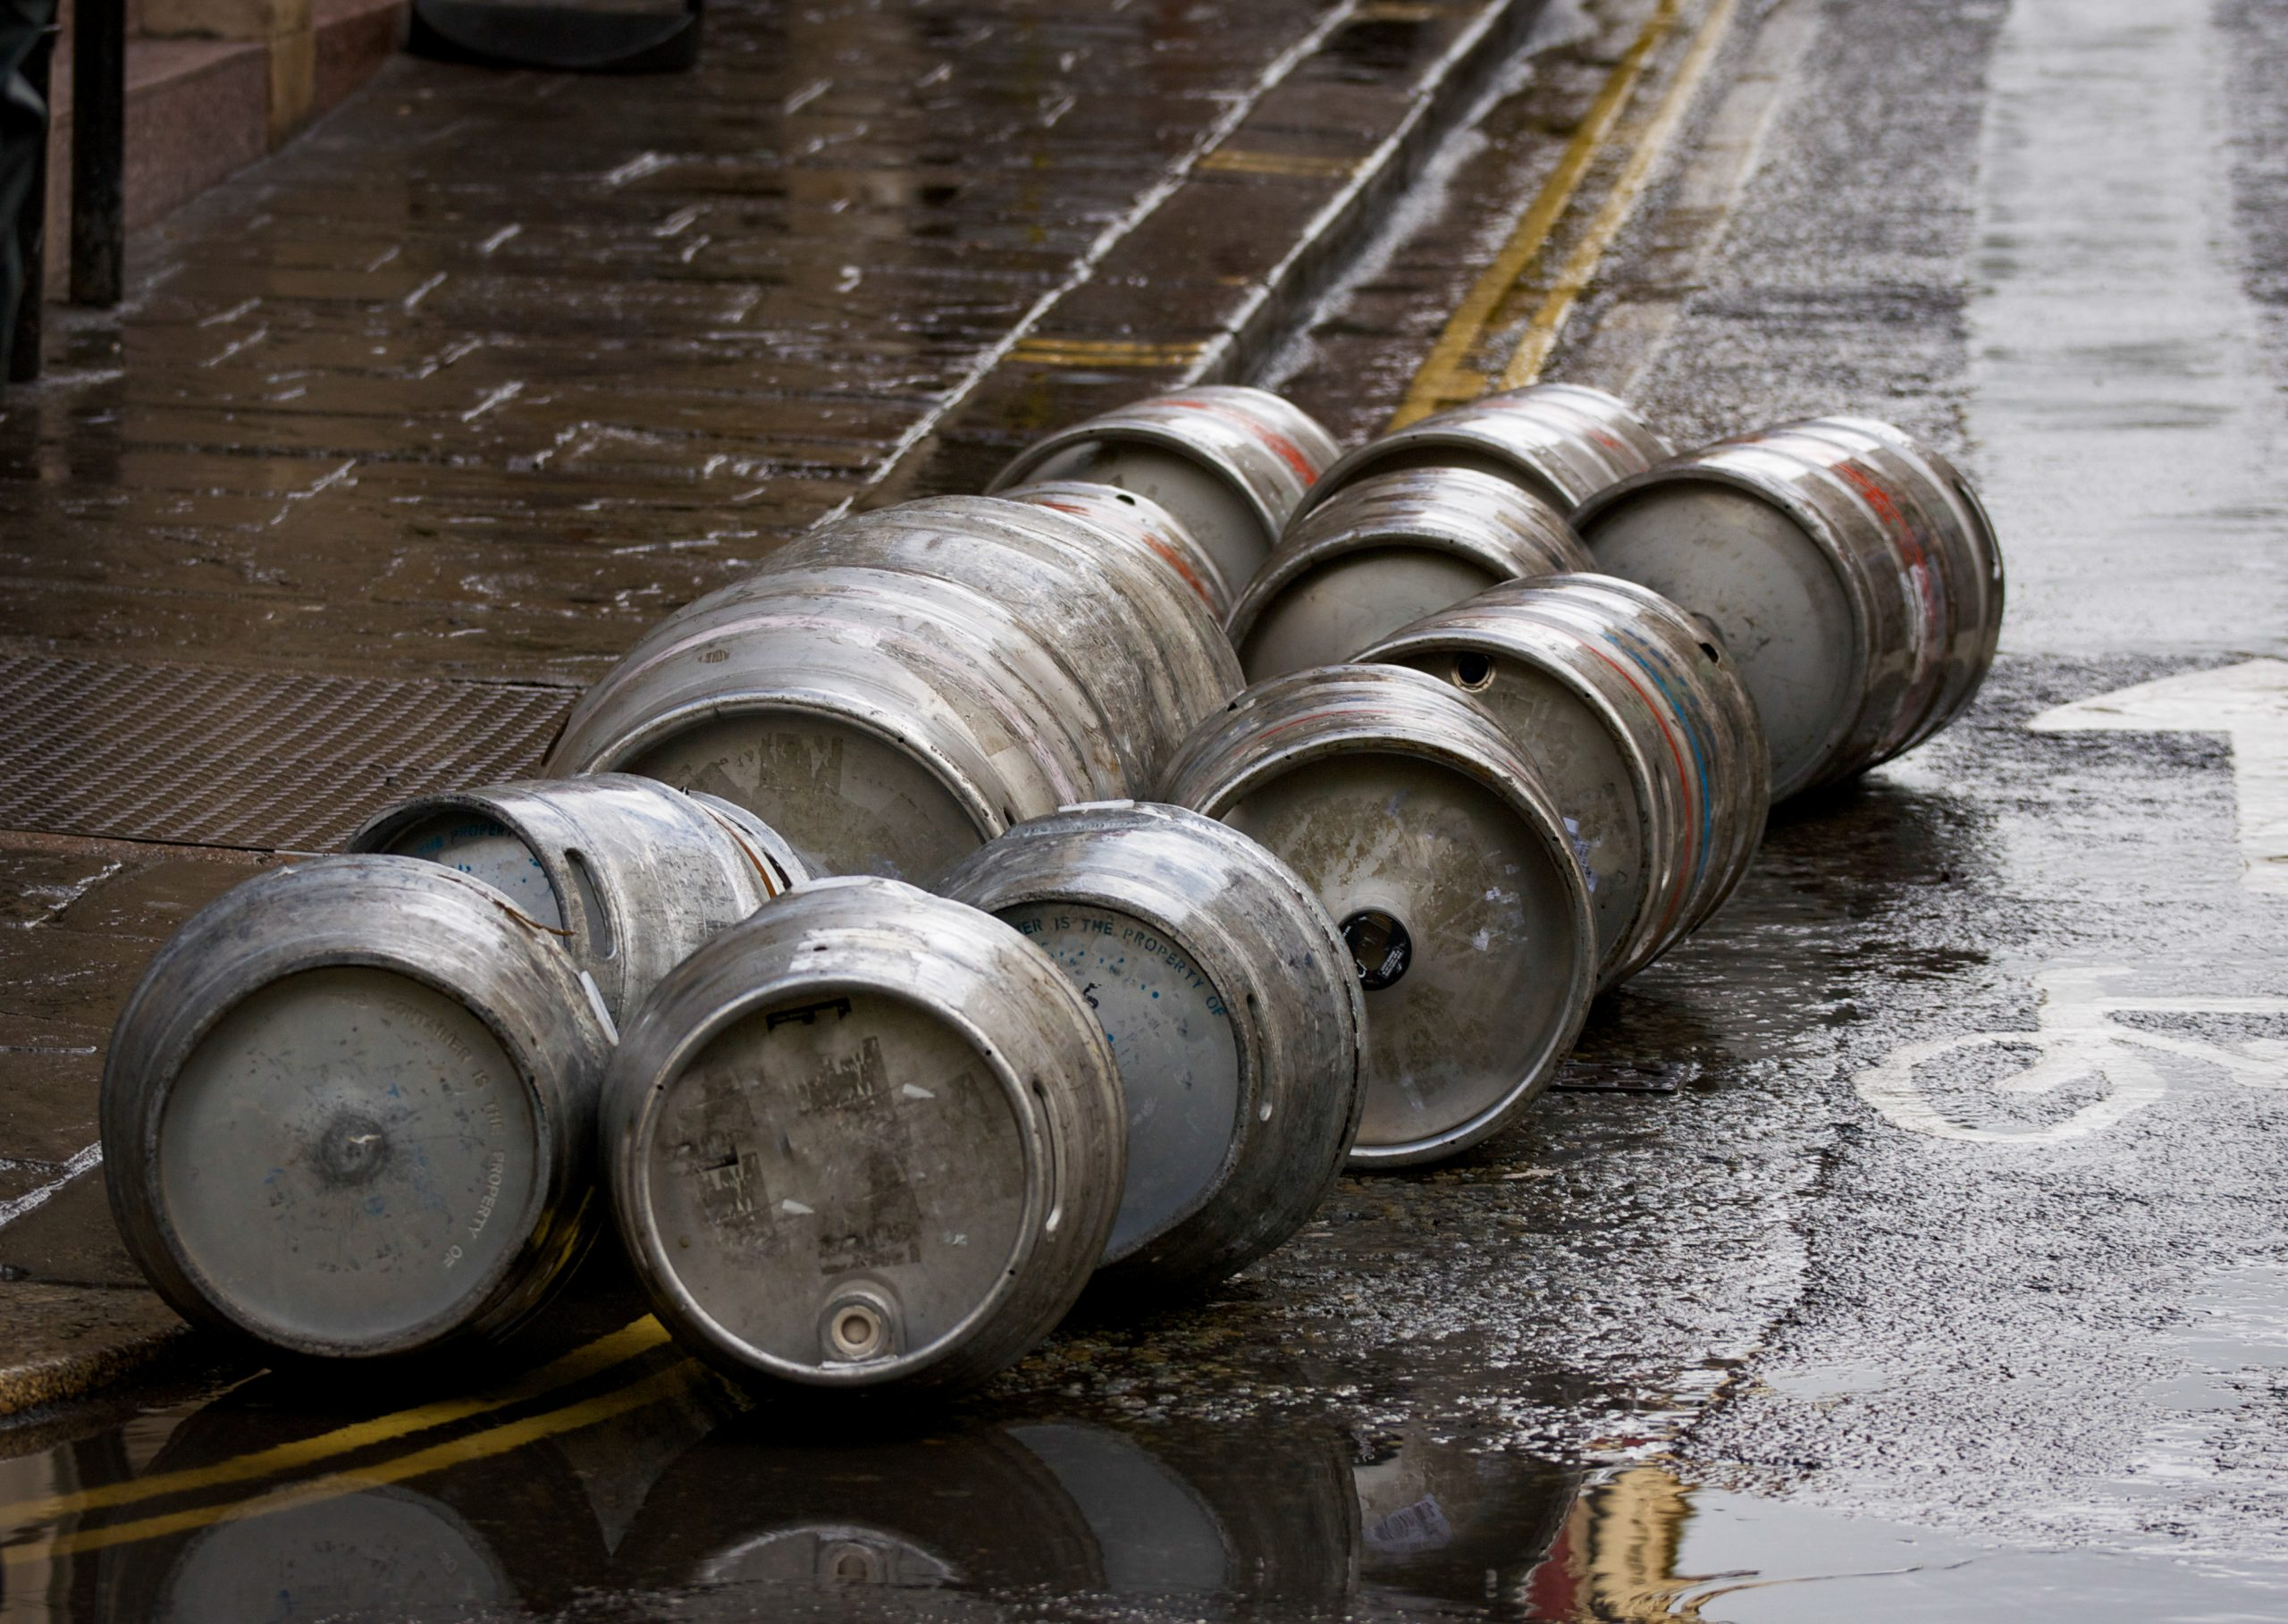 wetherspoons à court de bière